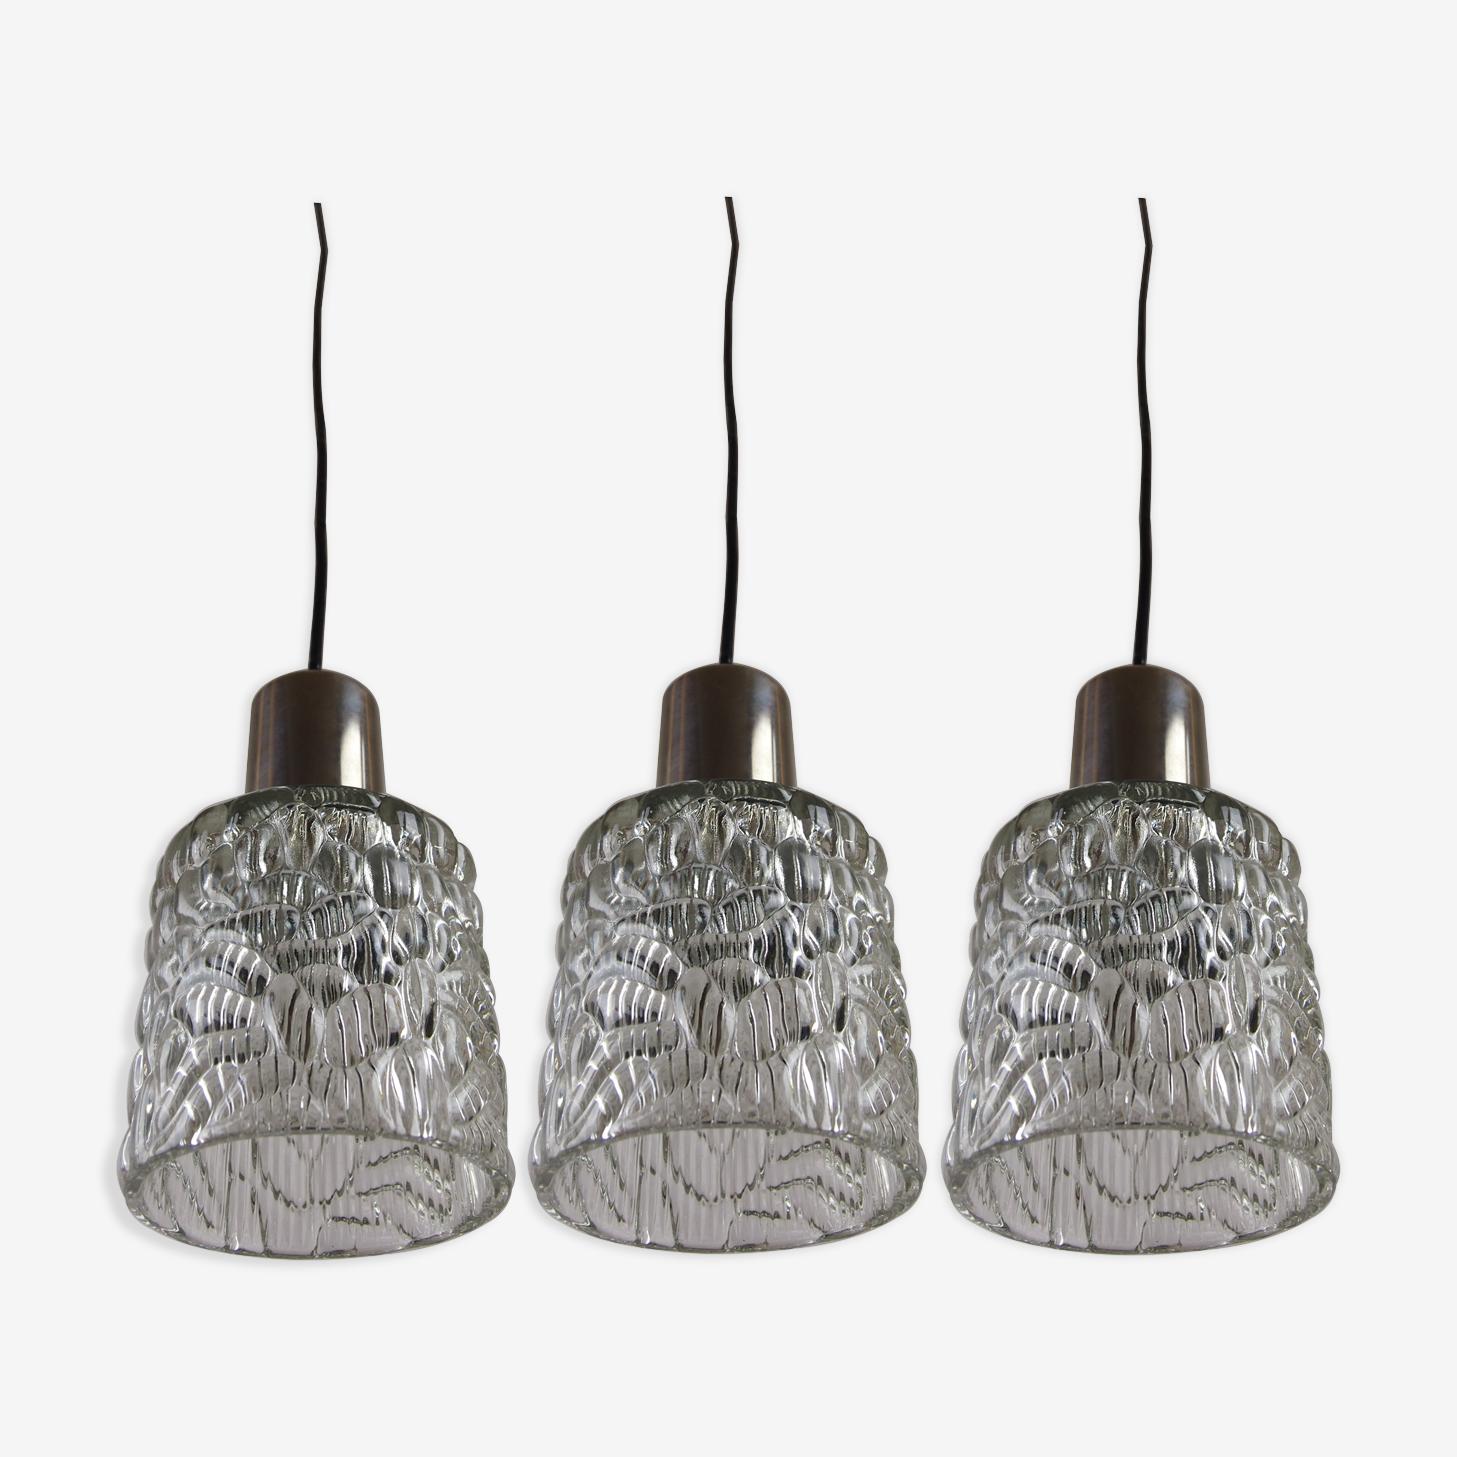 Set de 3 suspensions en cascade Kalmar mid century en verre texturé